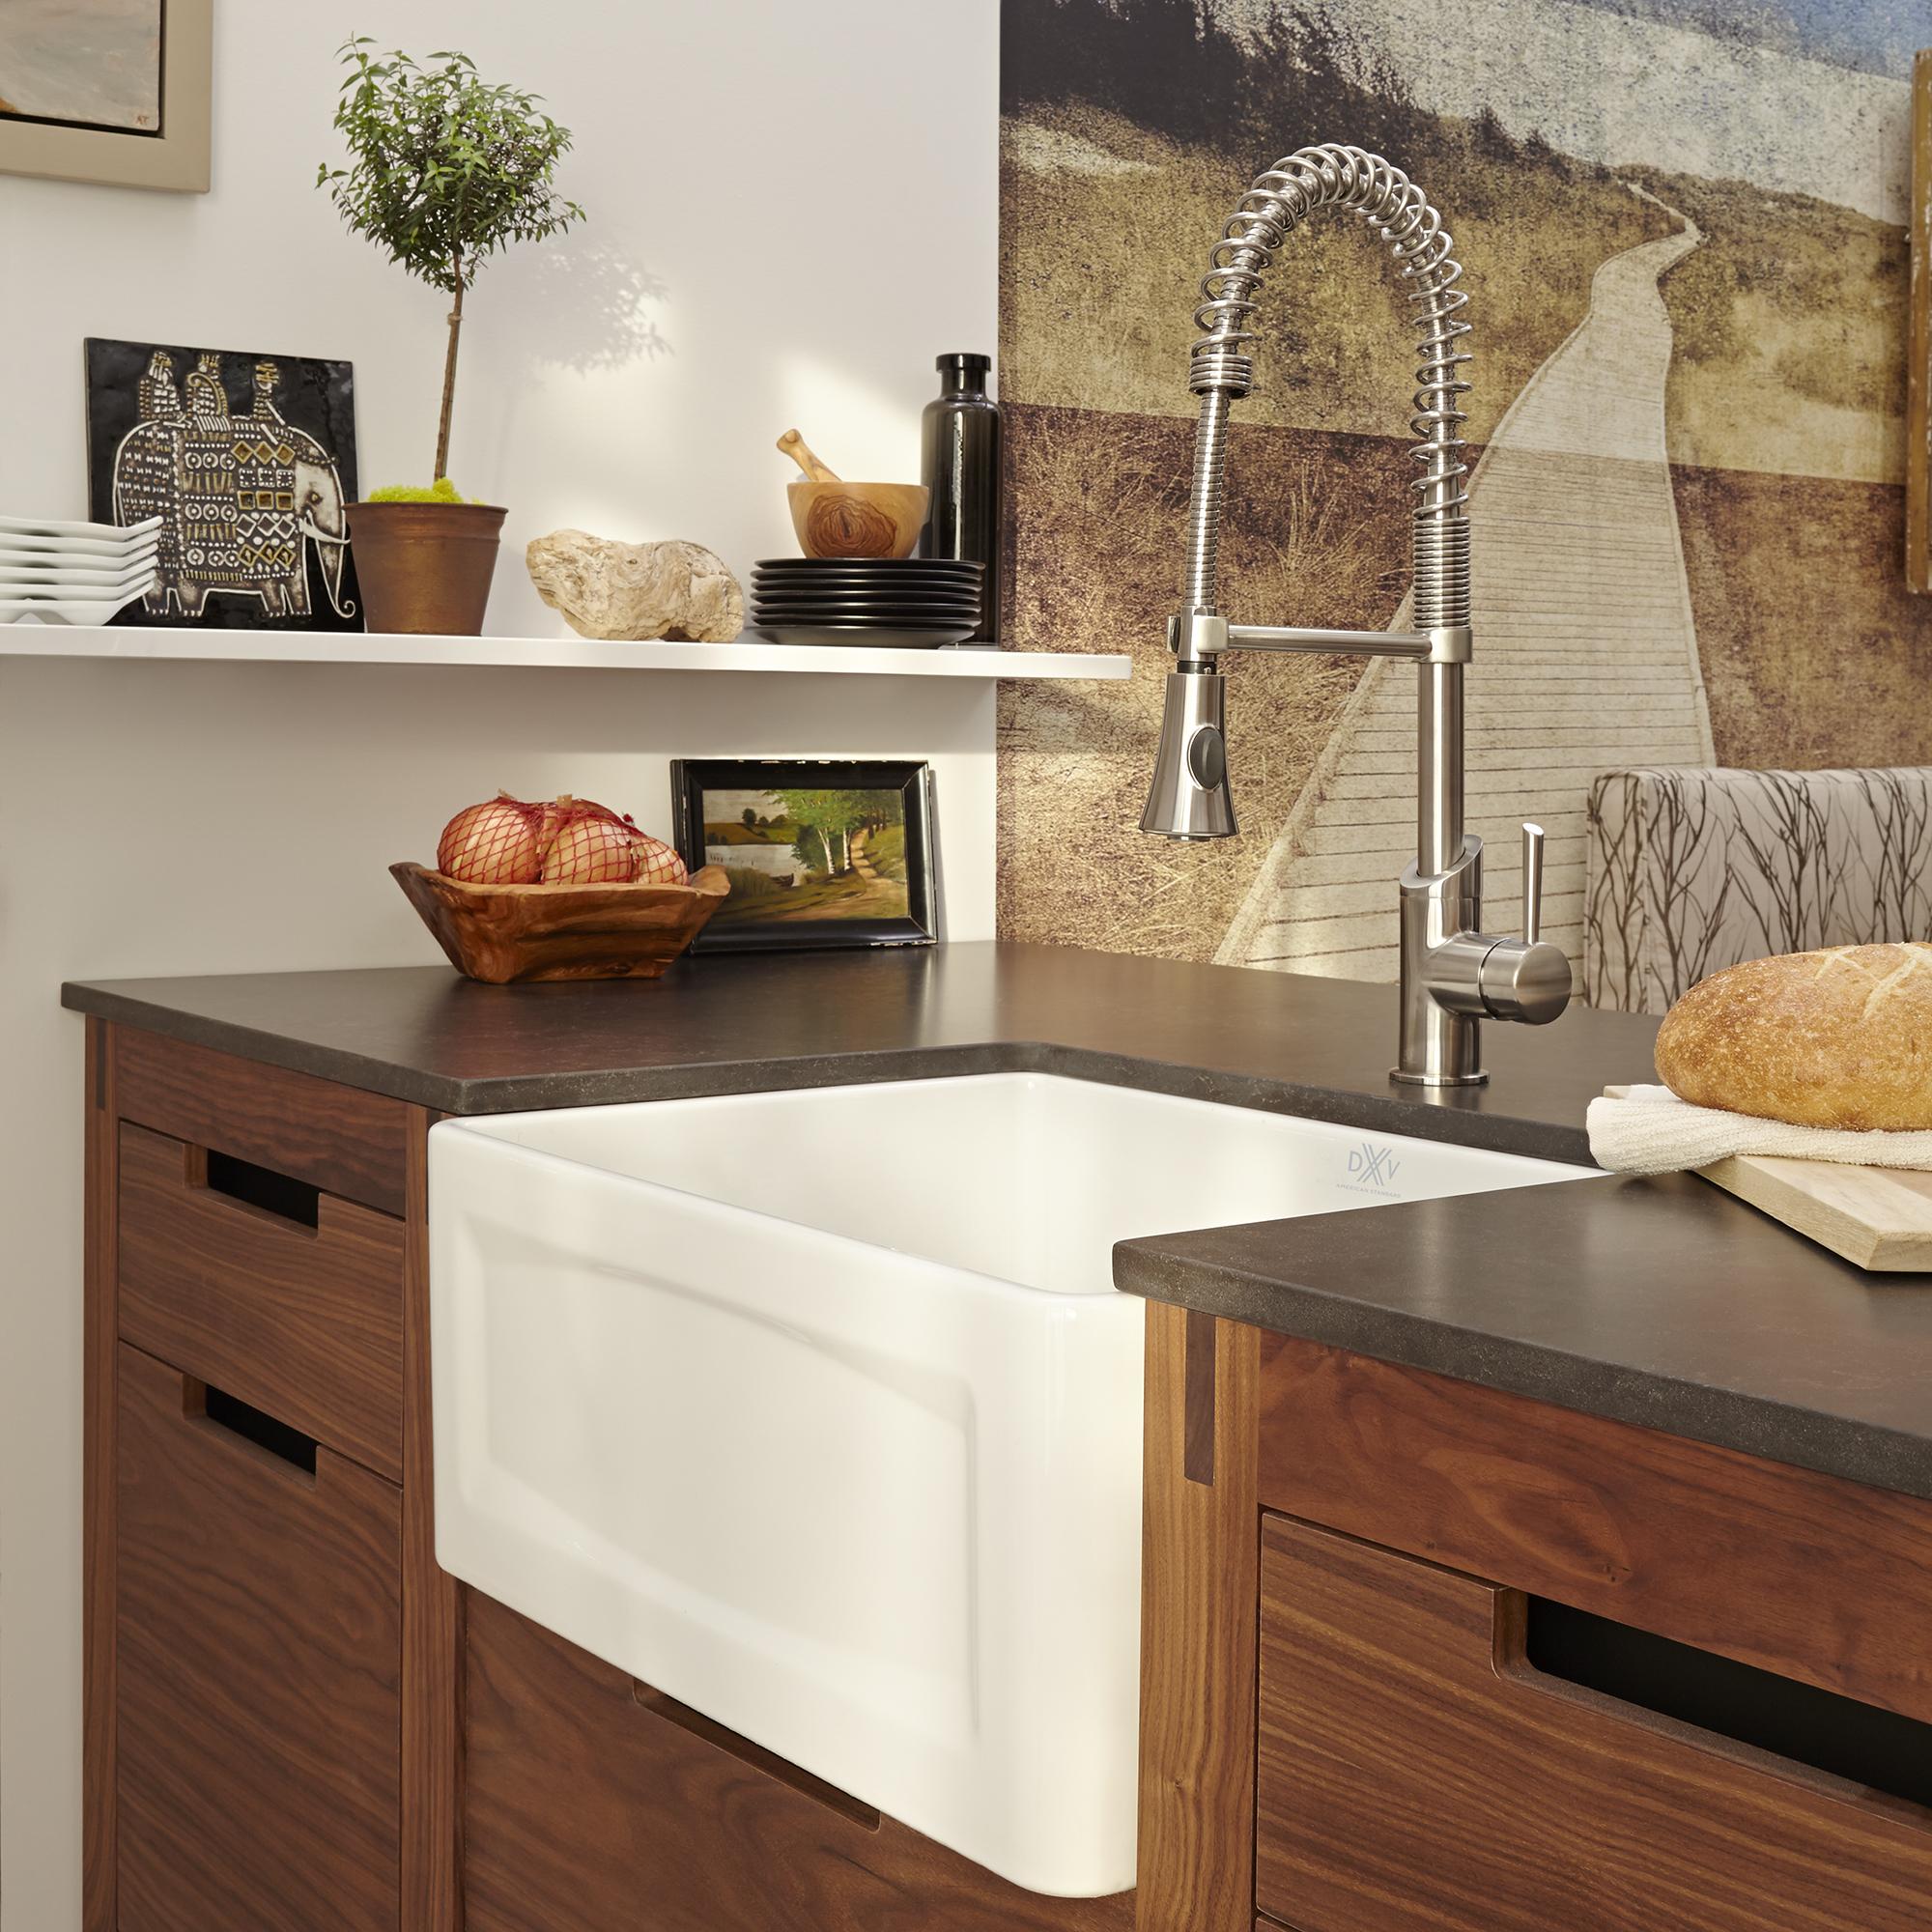 DXV Modern Cottage Sink